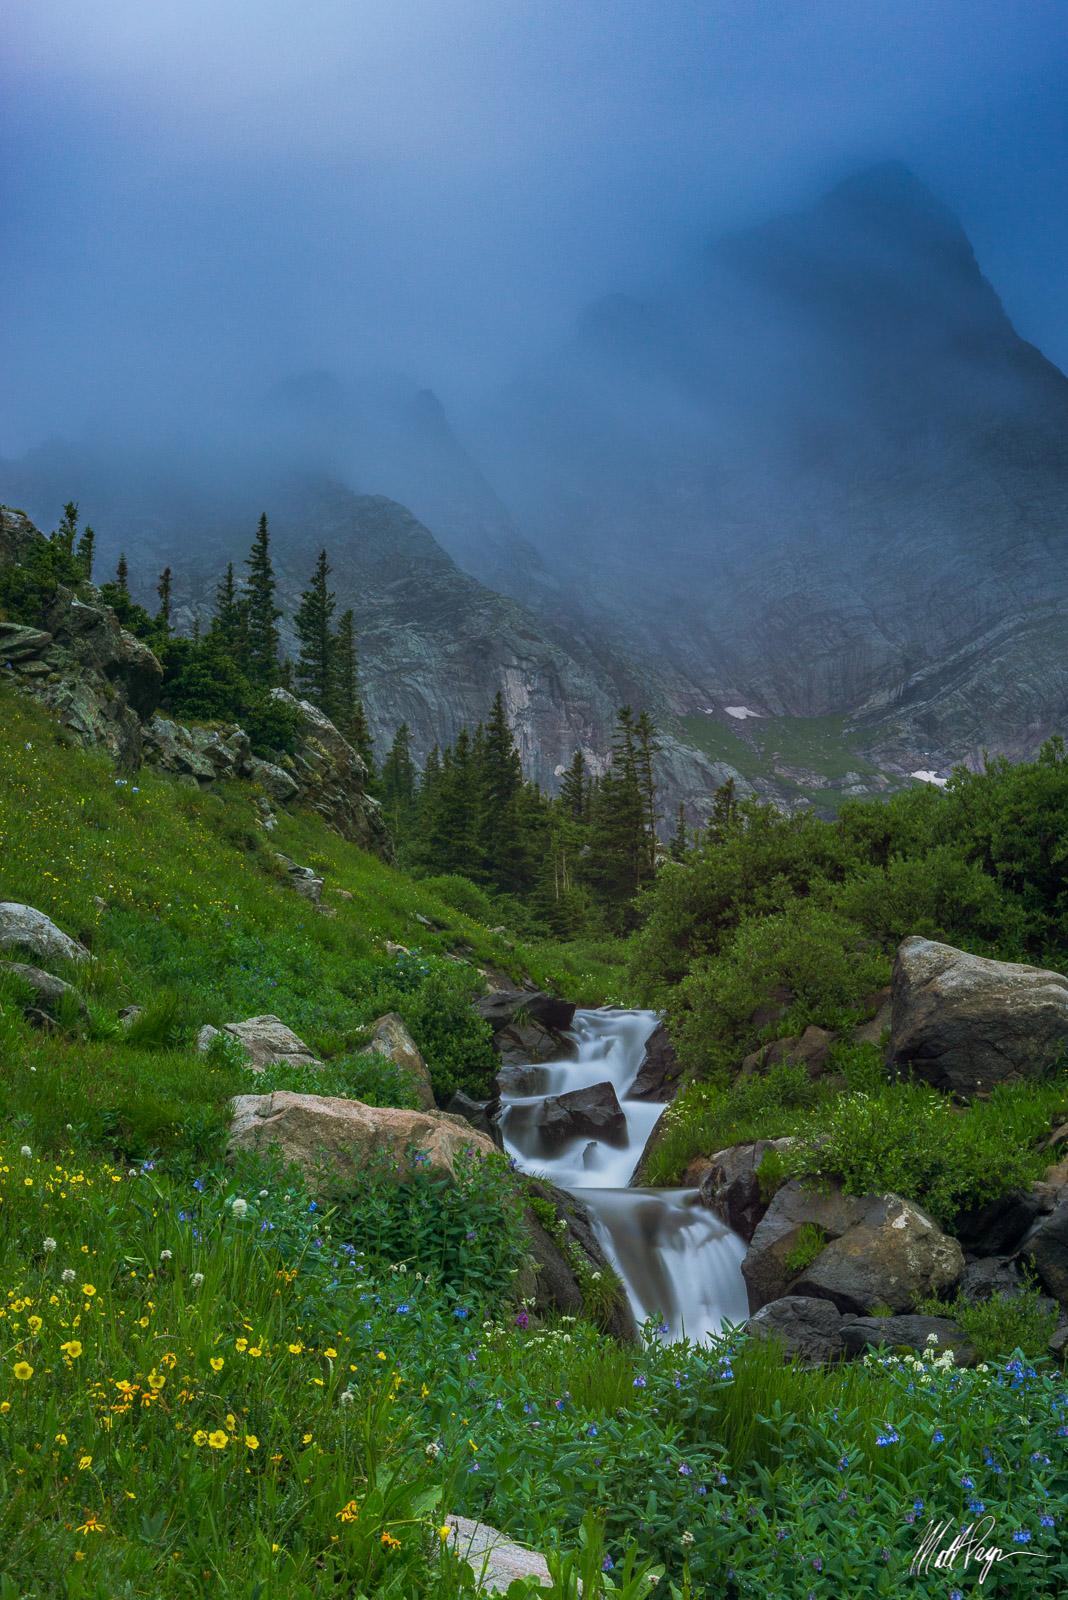 Crestone Needle, a mountain higher than 14,000 feetlocated in the Sangre de Cristo Mountains of Colorado near Westcliffe...